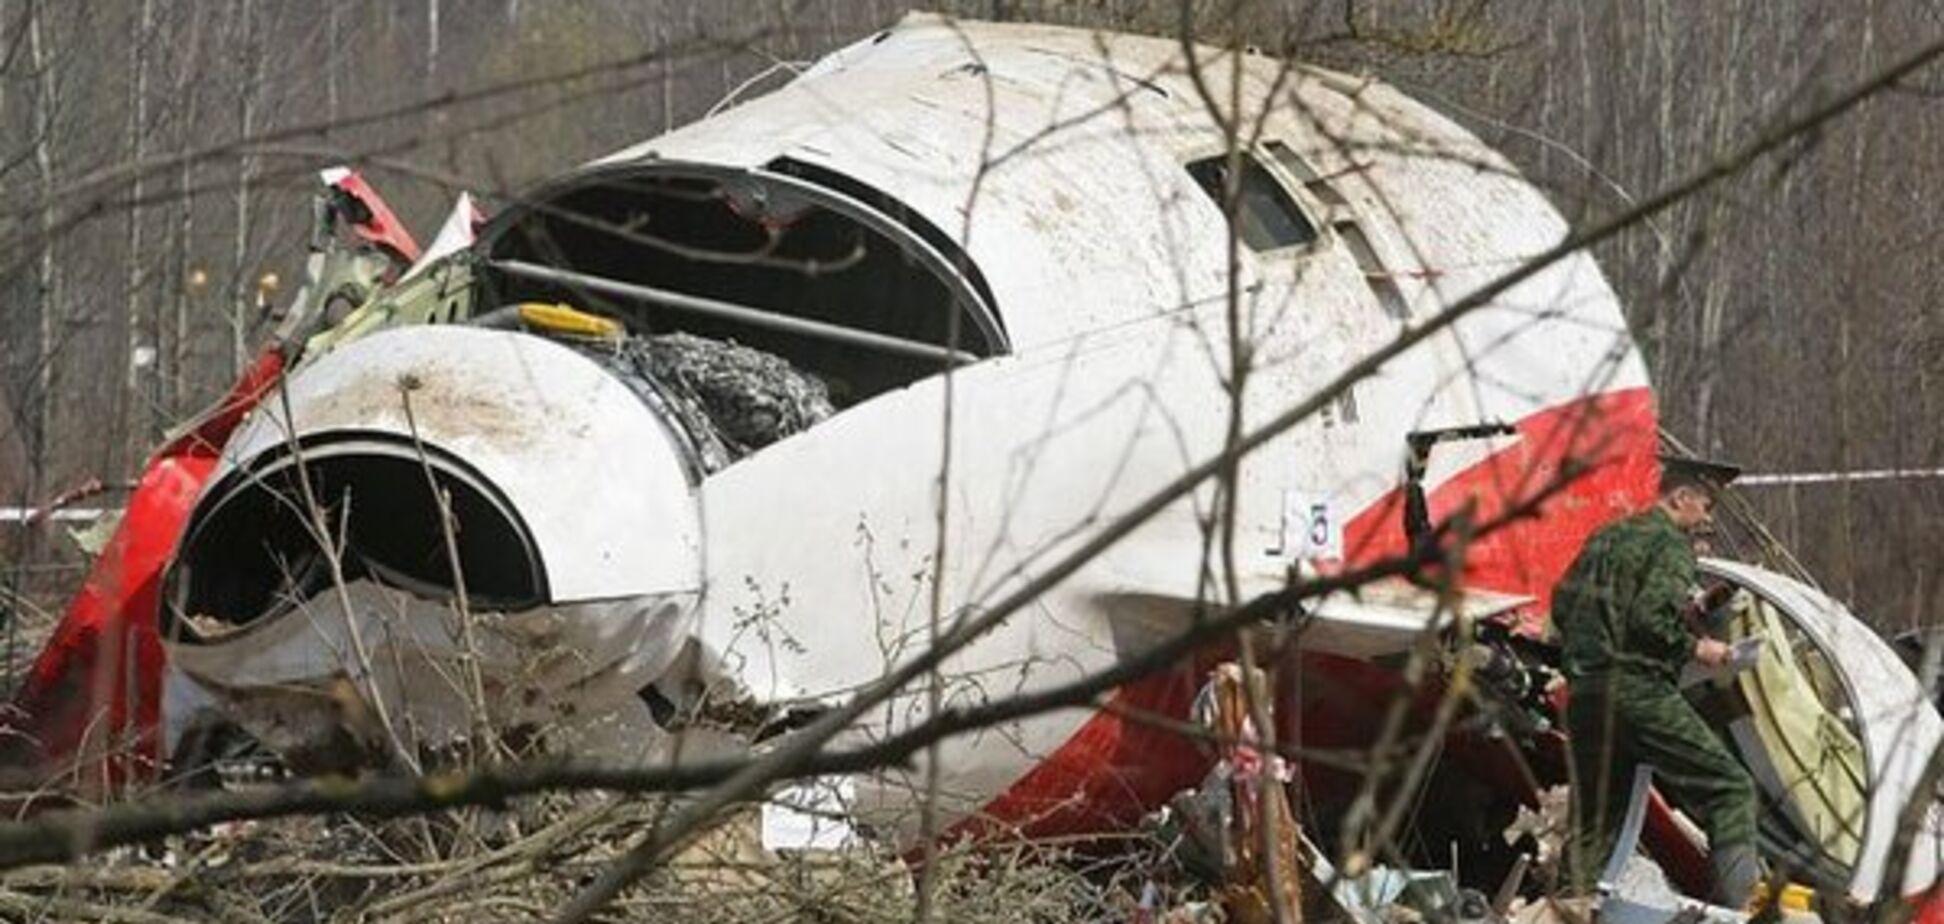 Спецслужбы России причастны к авиакатастрофе под Смоленском? В расследовании засветился известный завод